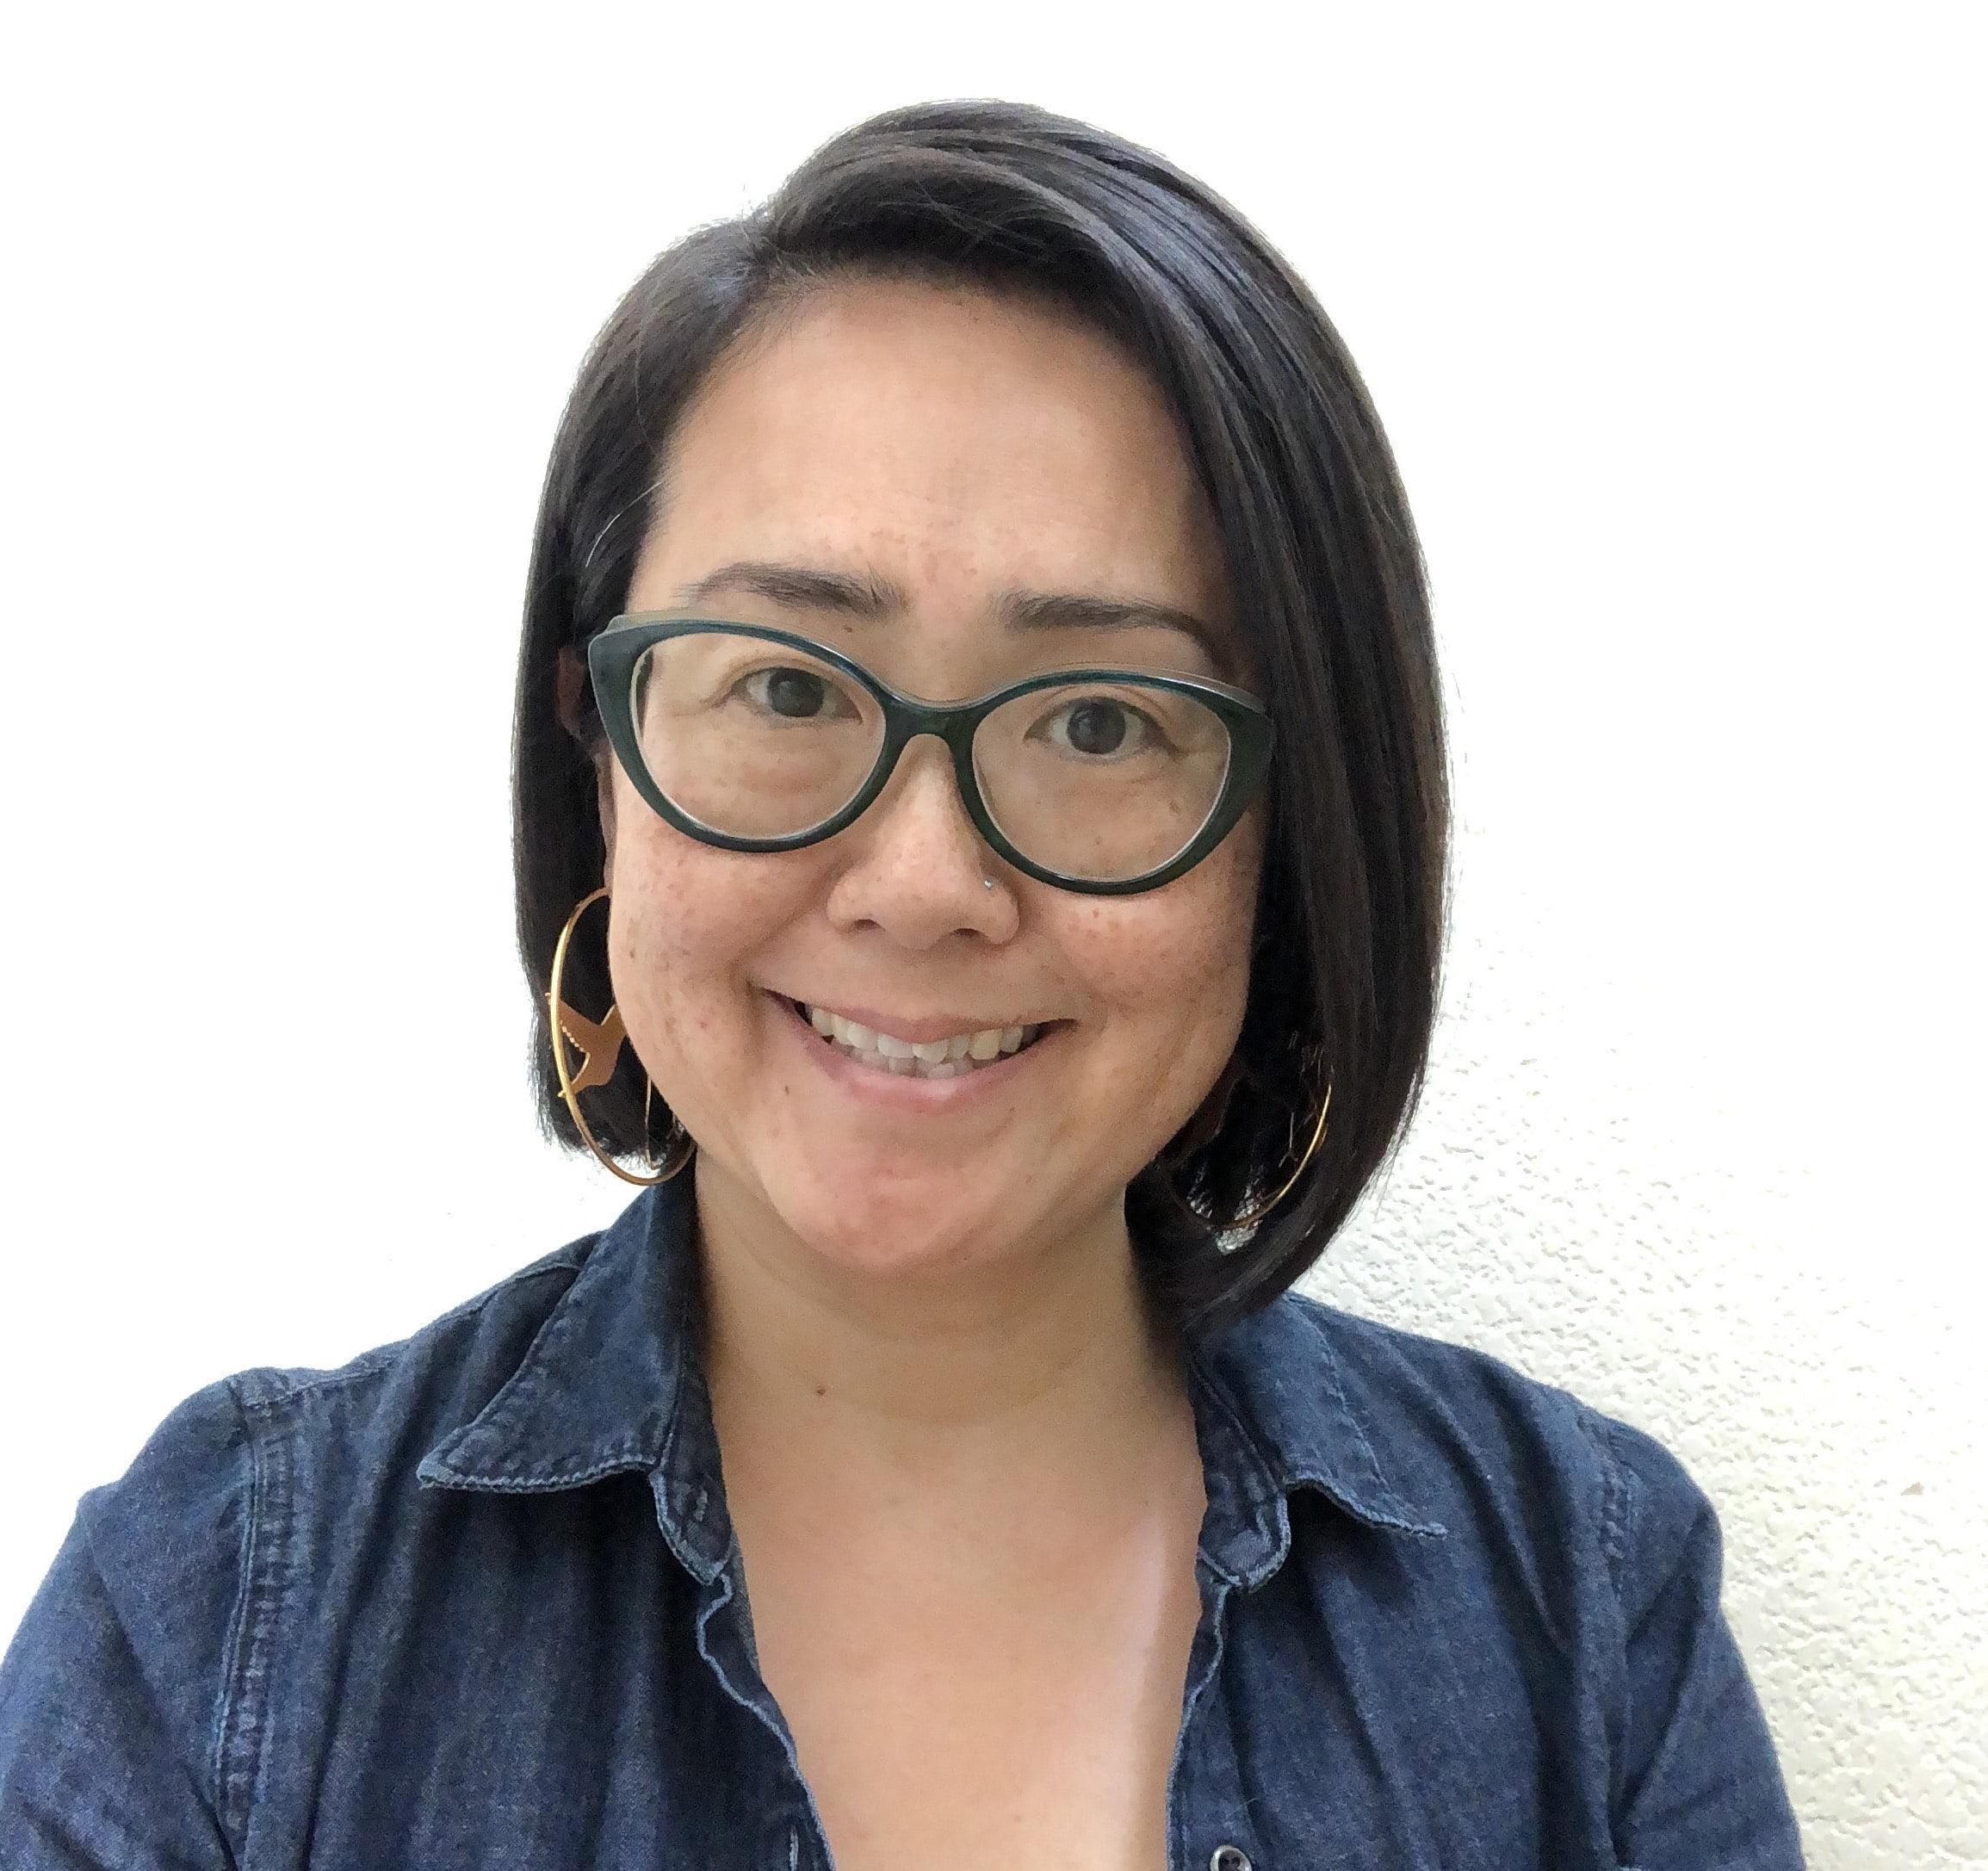 Liz Suk (Pronouns: she/her)